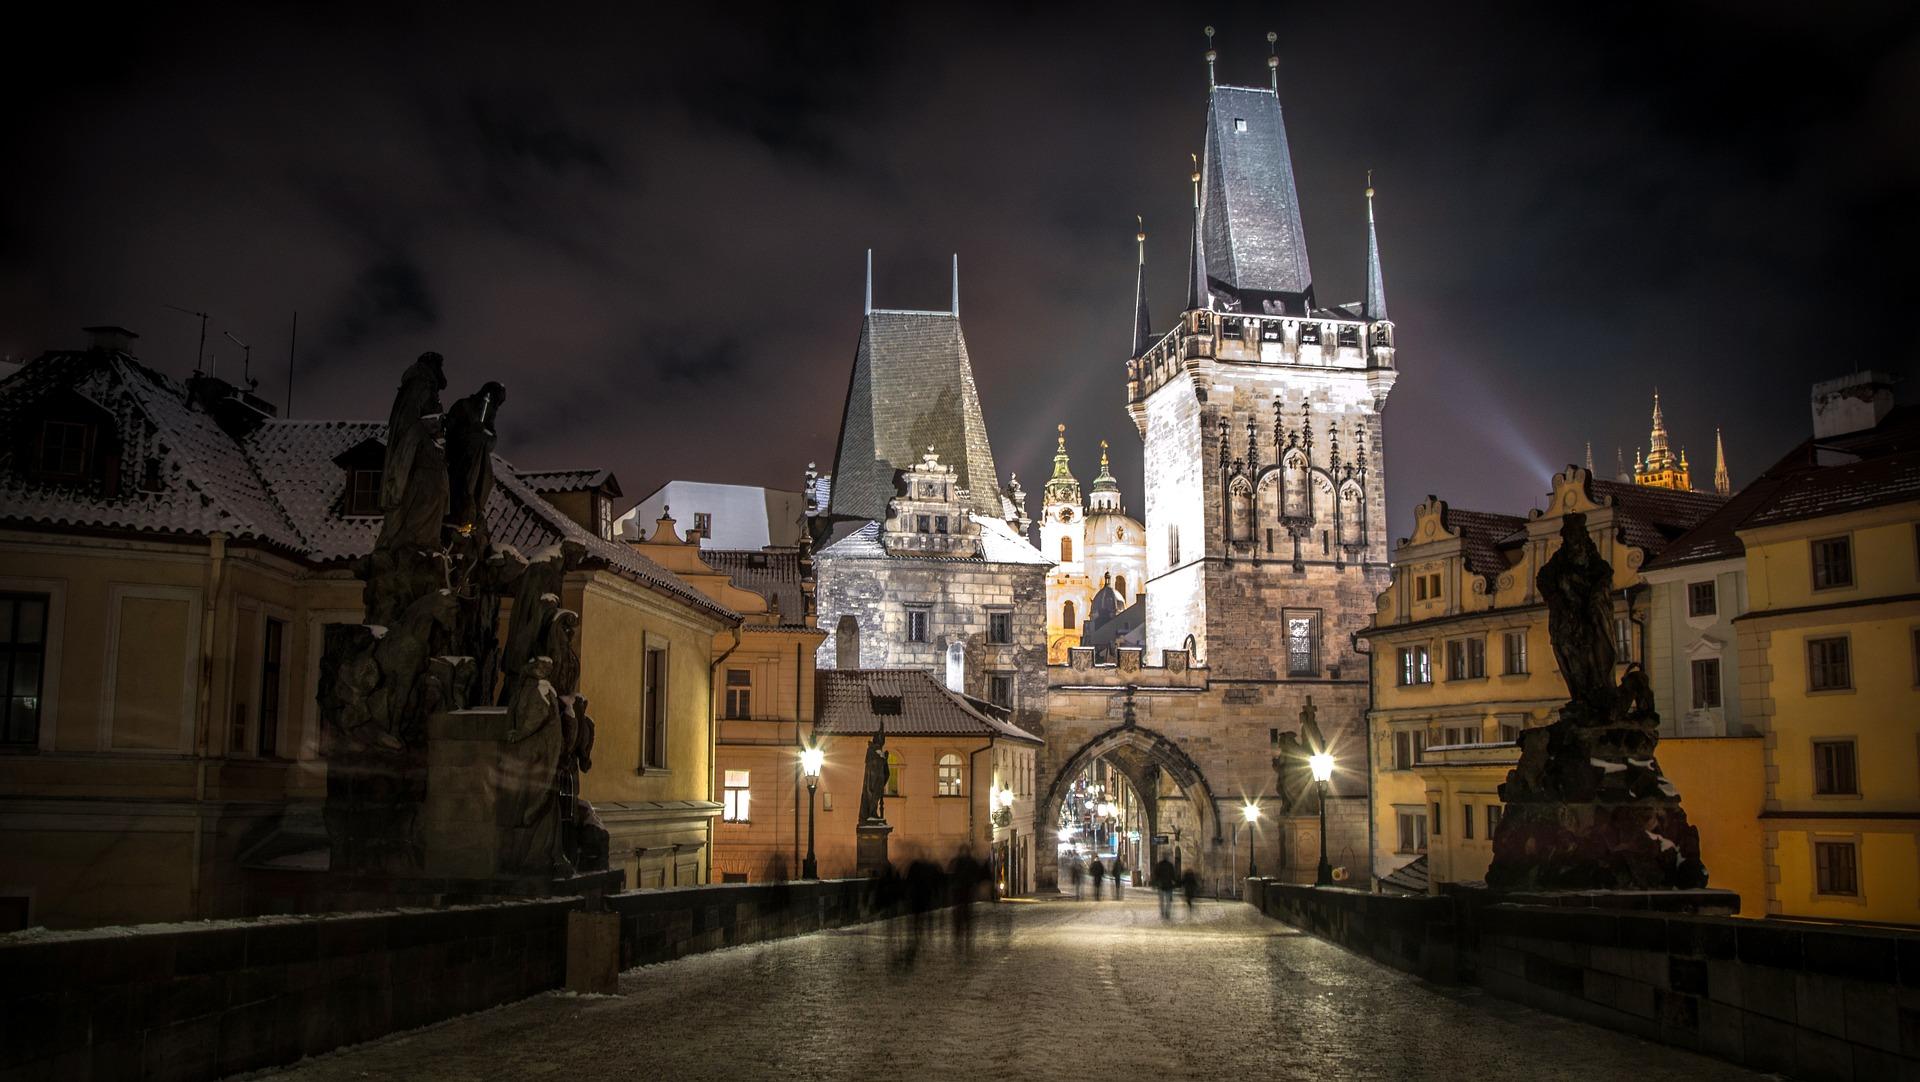 Prags borg